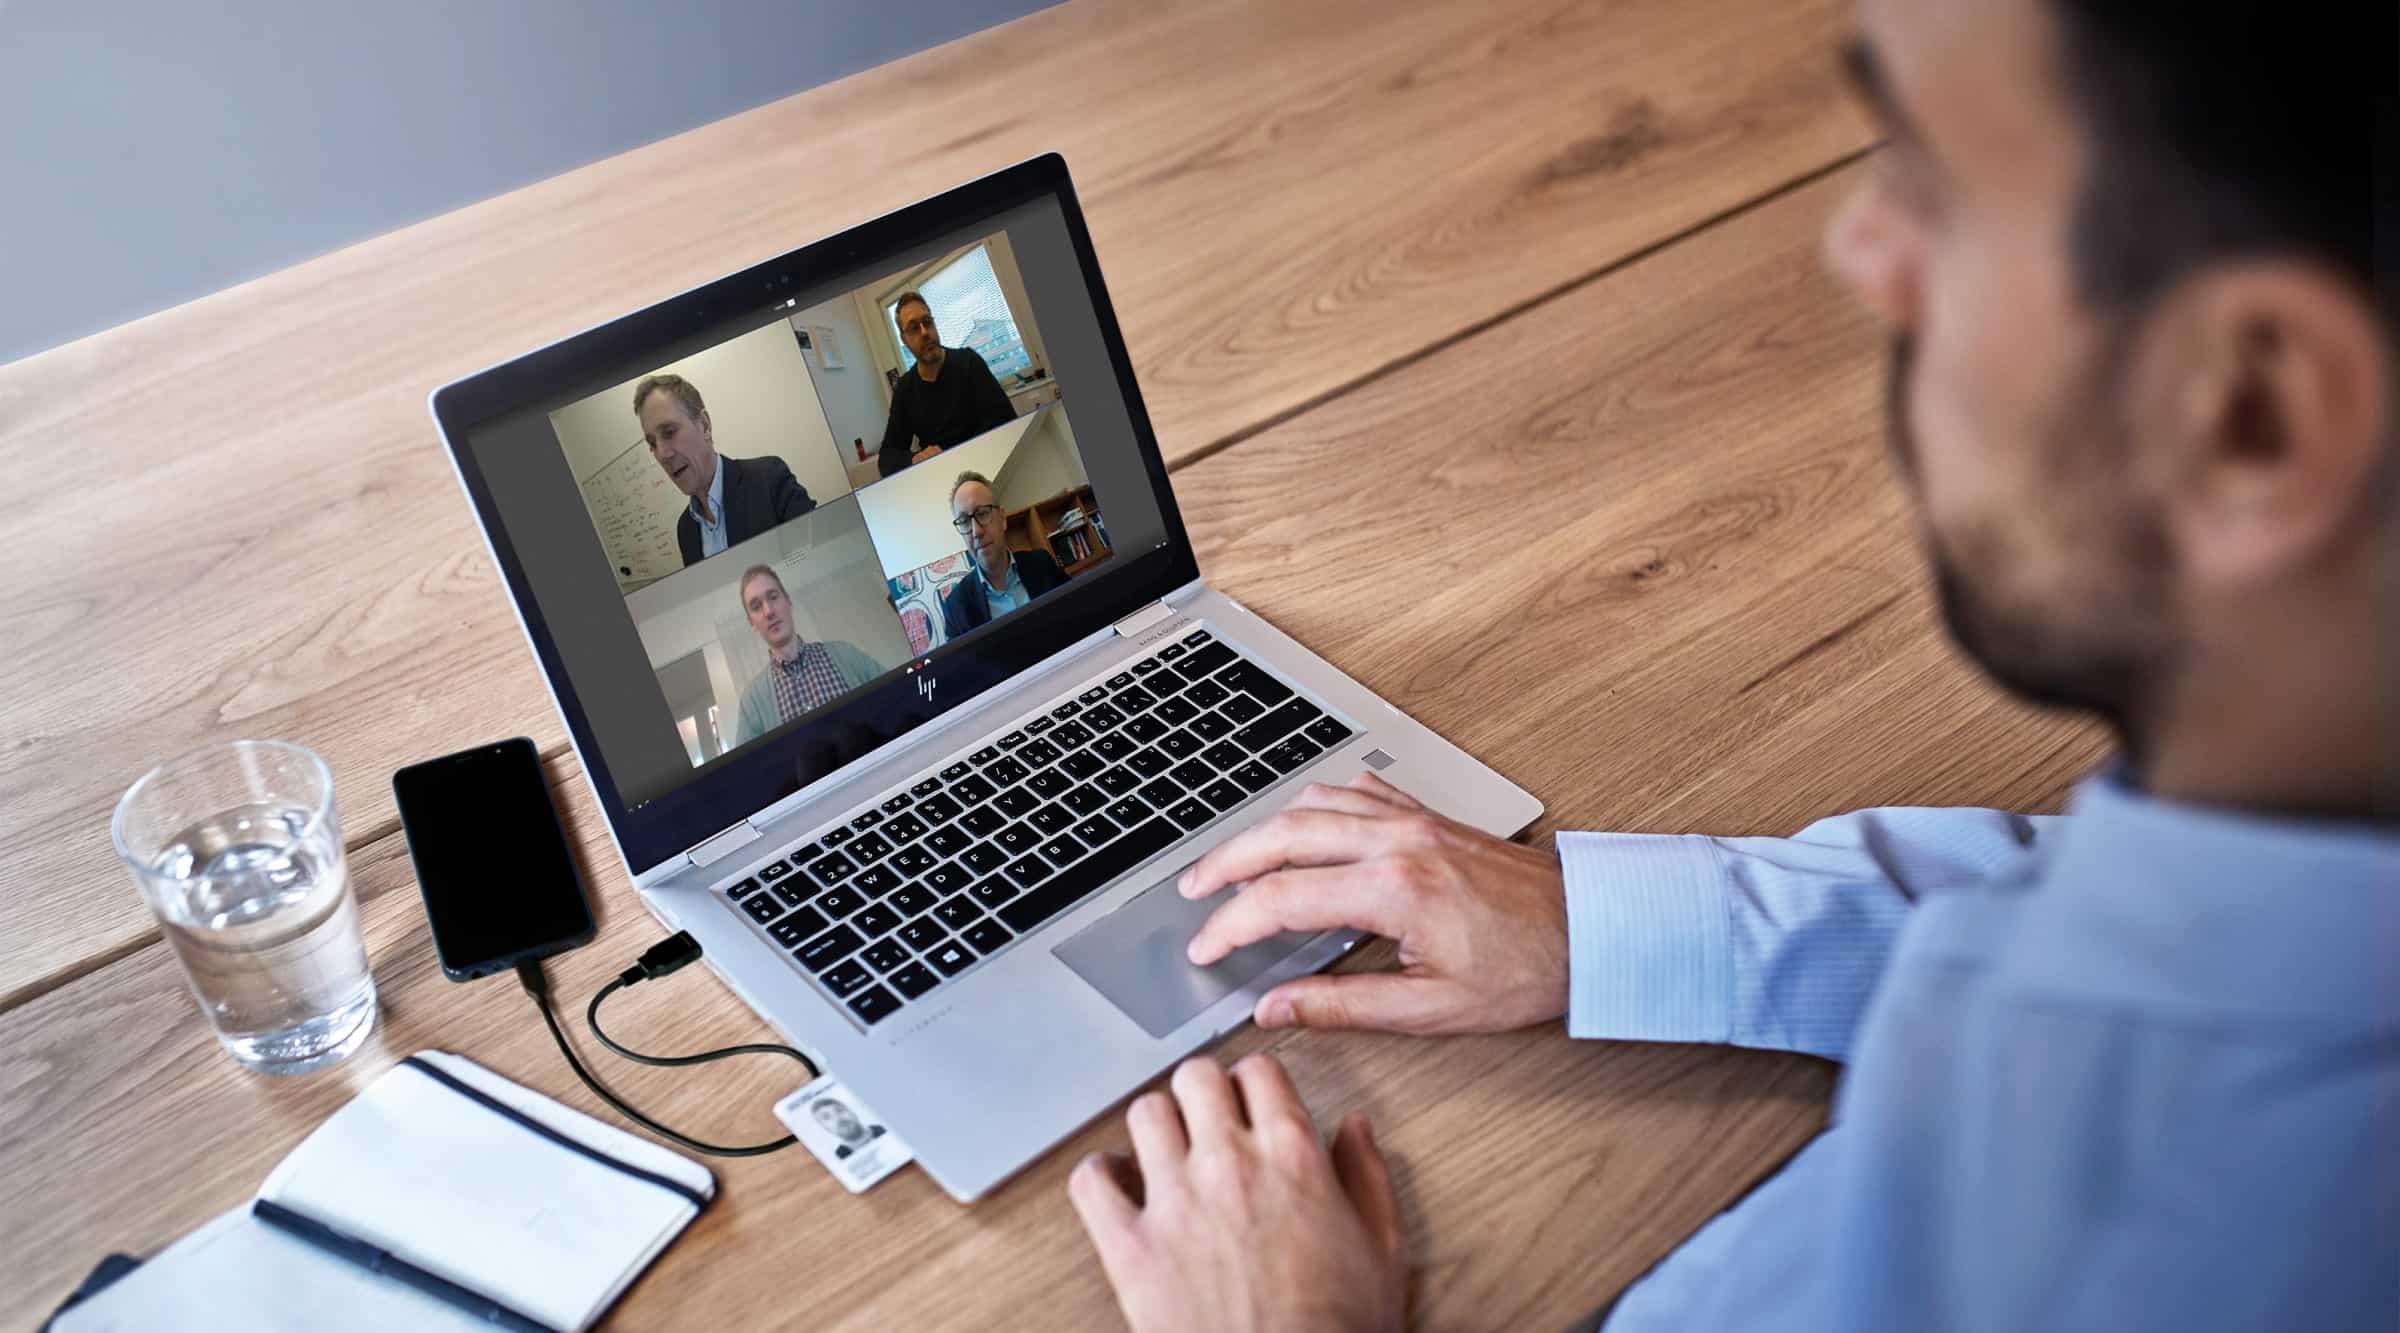 digitala möten med högre säkerhet